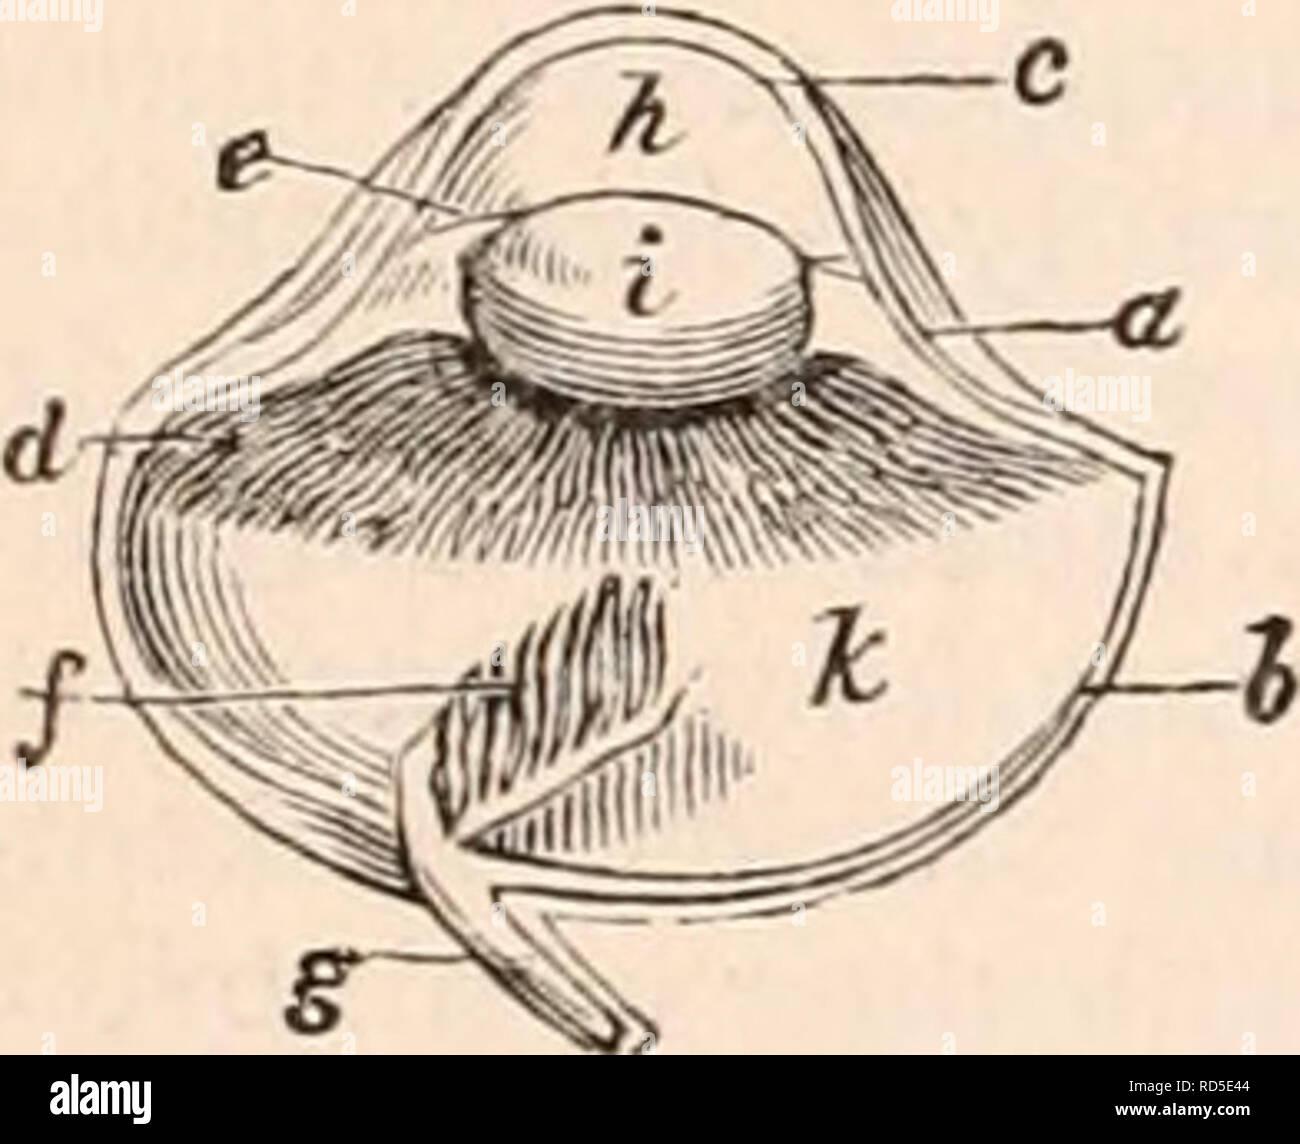 La Cyclopaedia De Anatomía Y Fisiología Anatomía